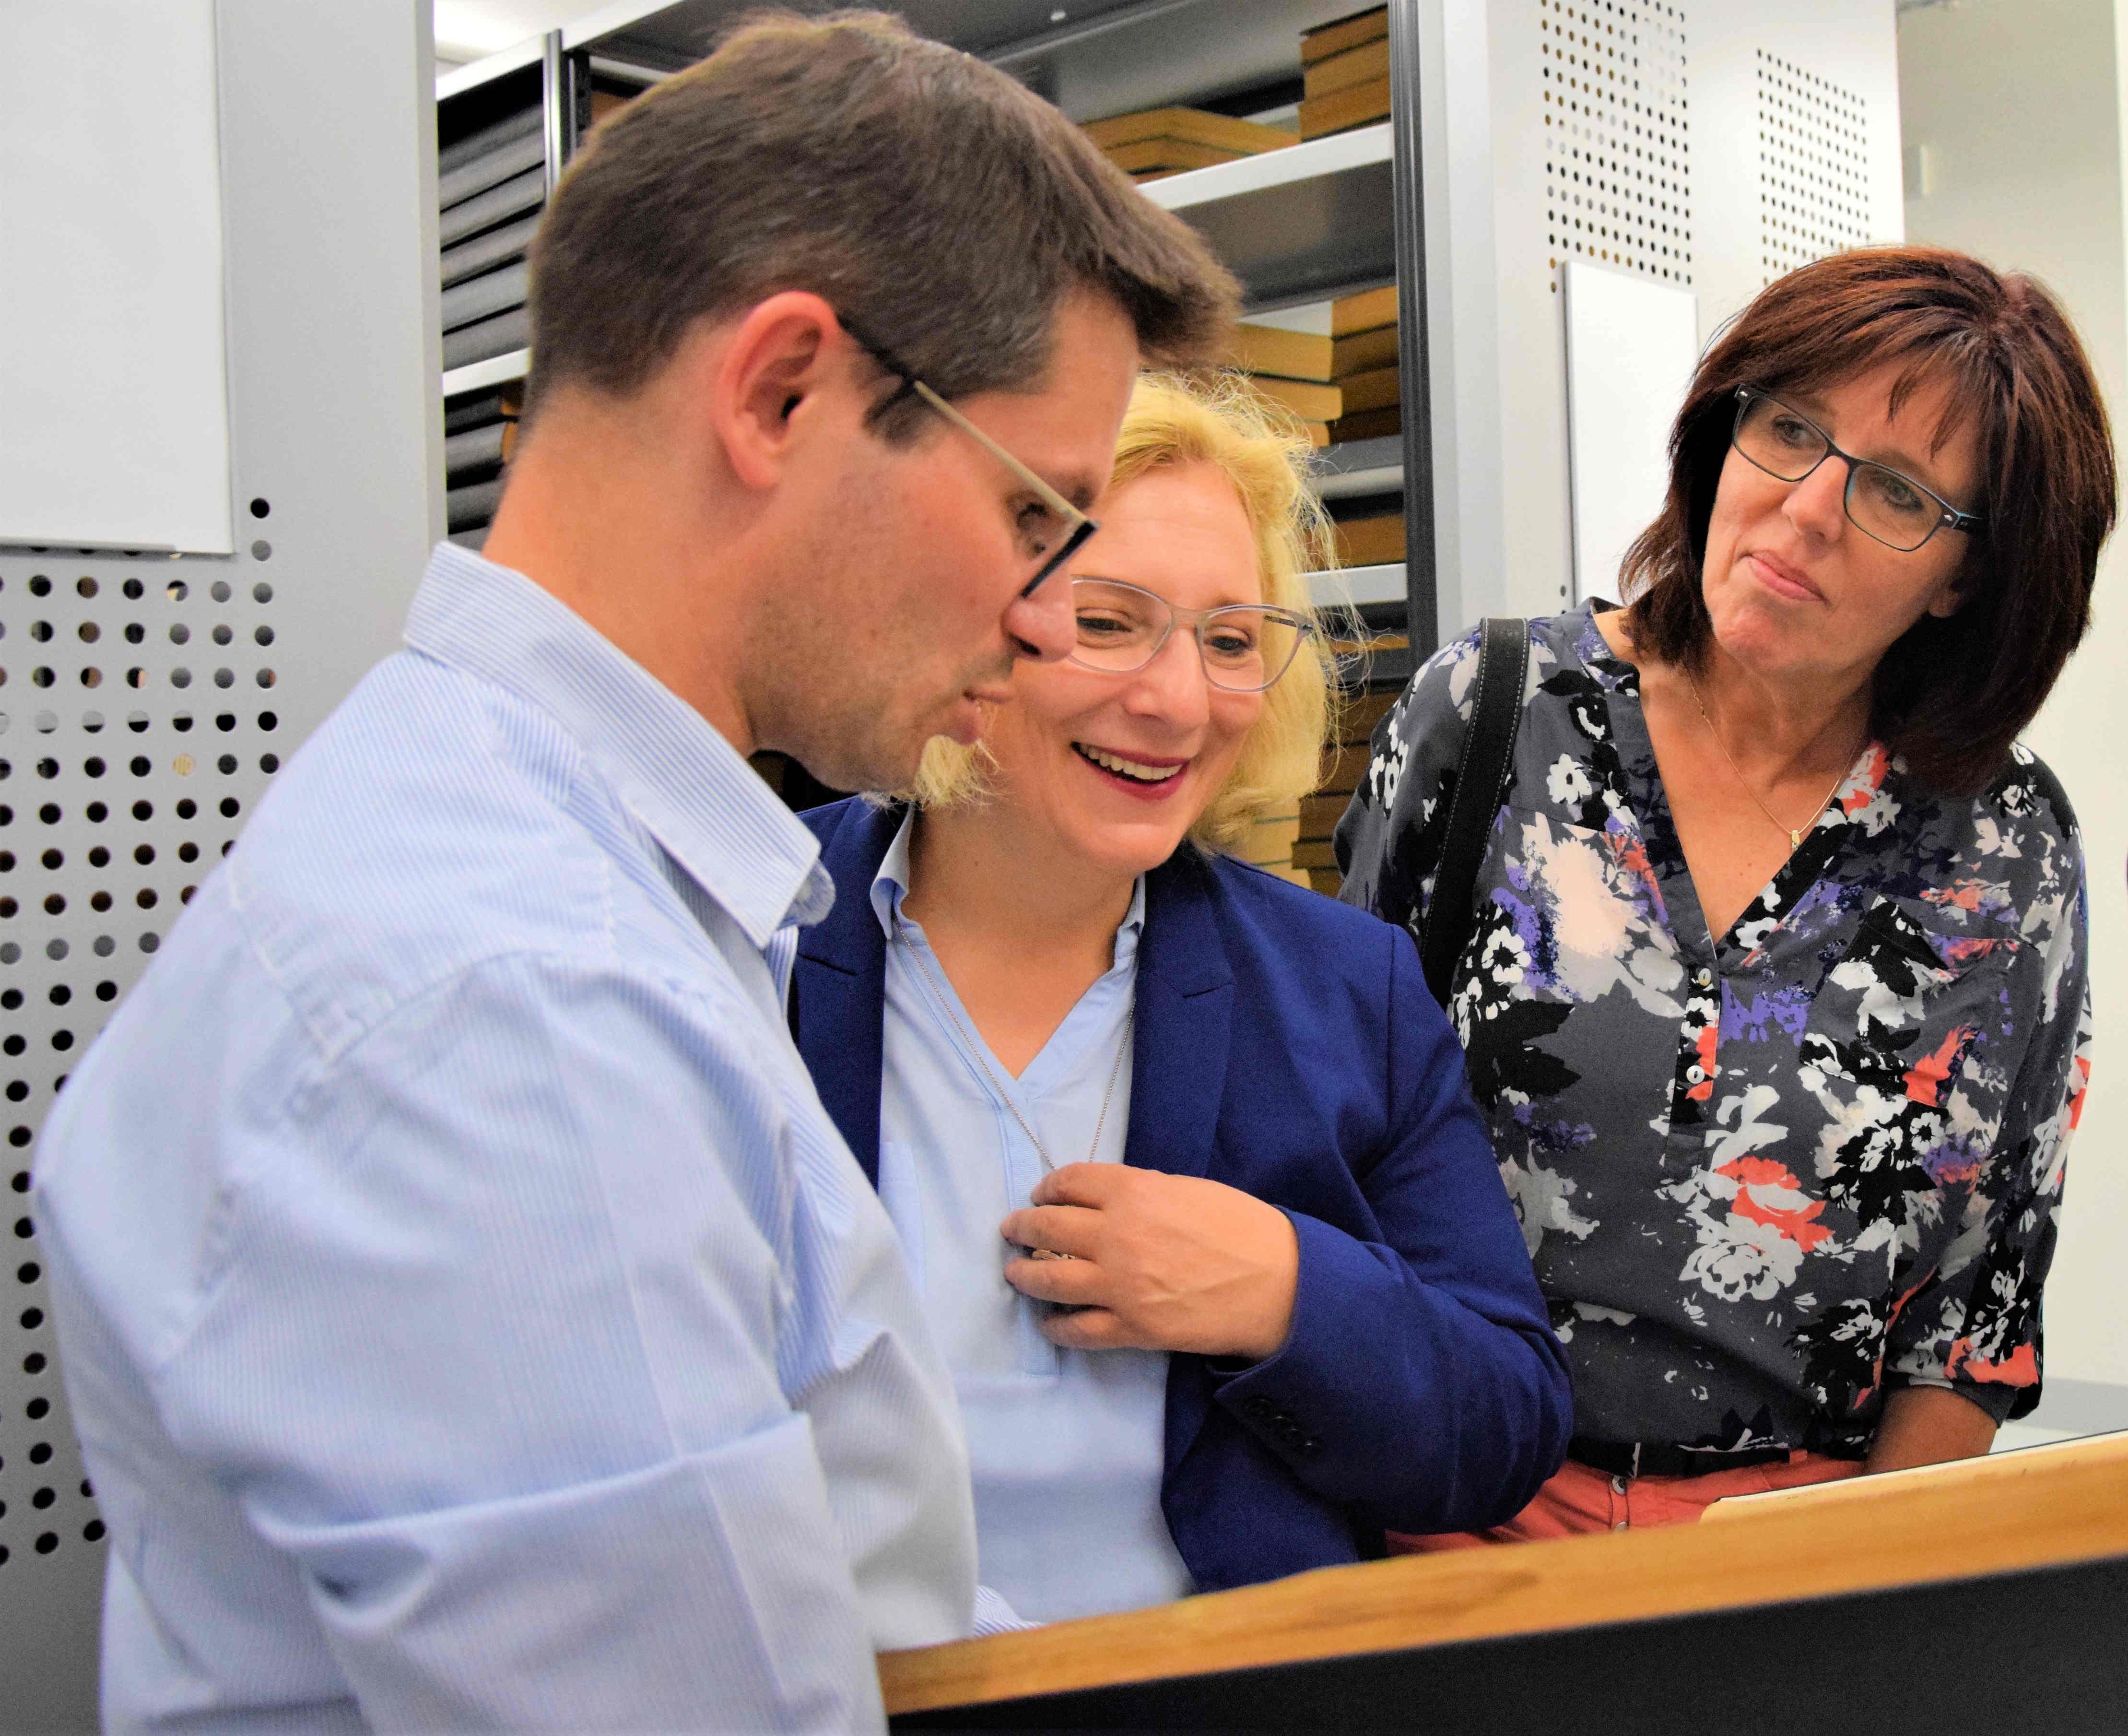 Christian Lonnemann, Dr. Daniela De Ridder, Petra Alferink